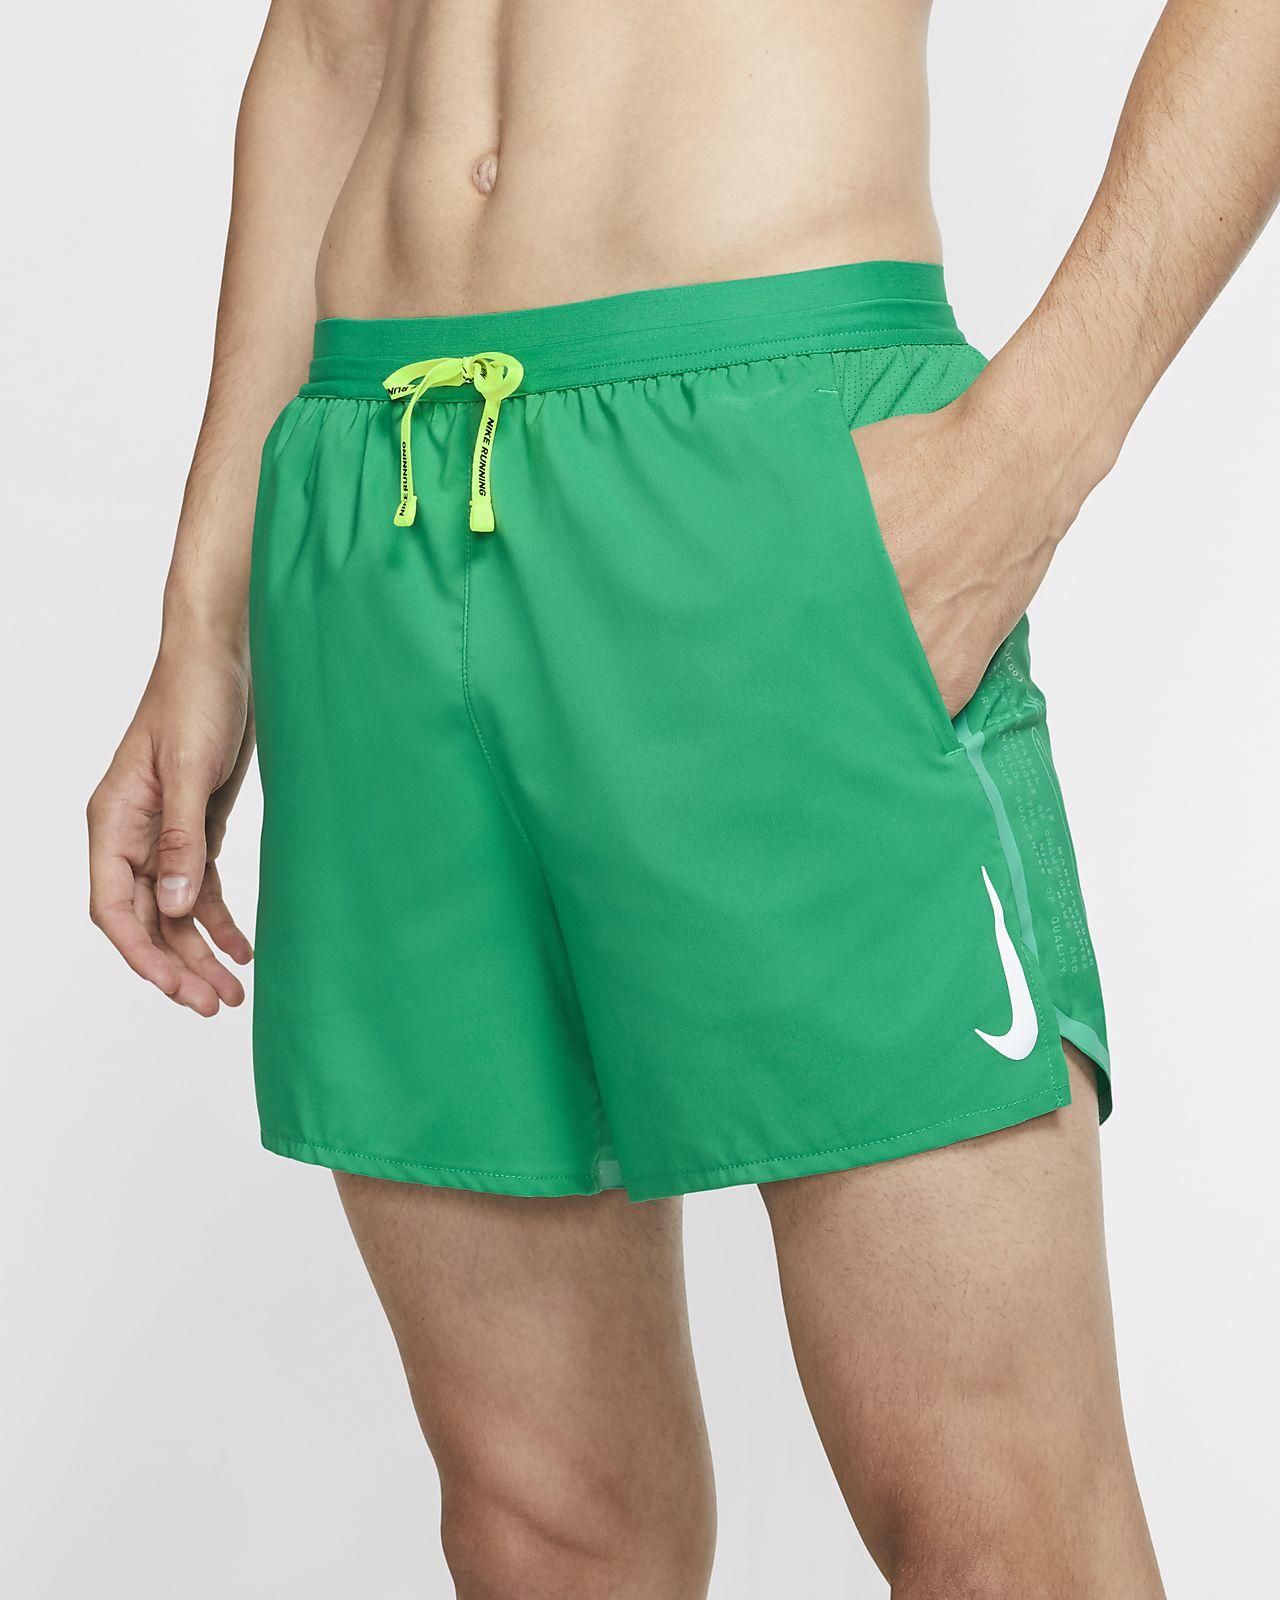 Ανδρικό σορτς για τρέξιμο με επένδυση Nike Air Flex Stride 13 cm